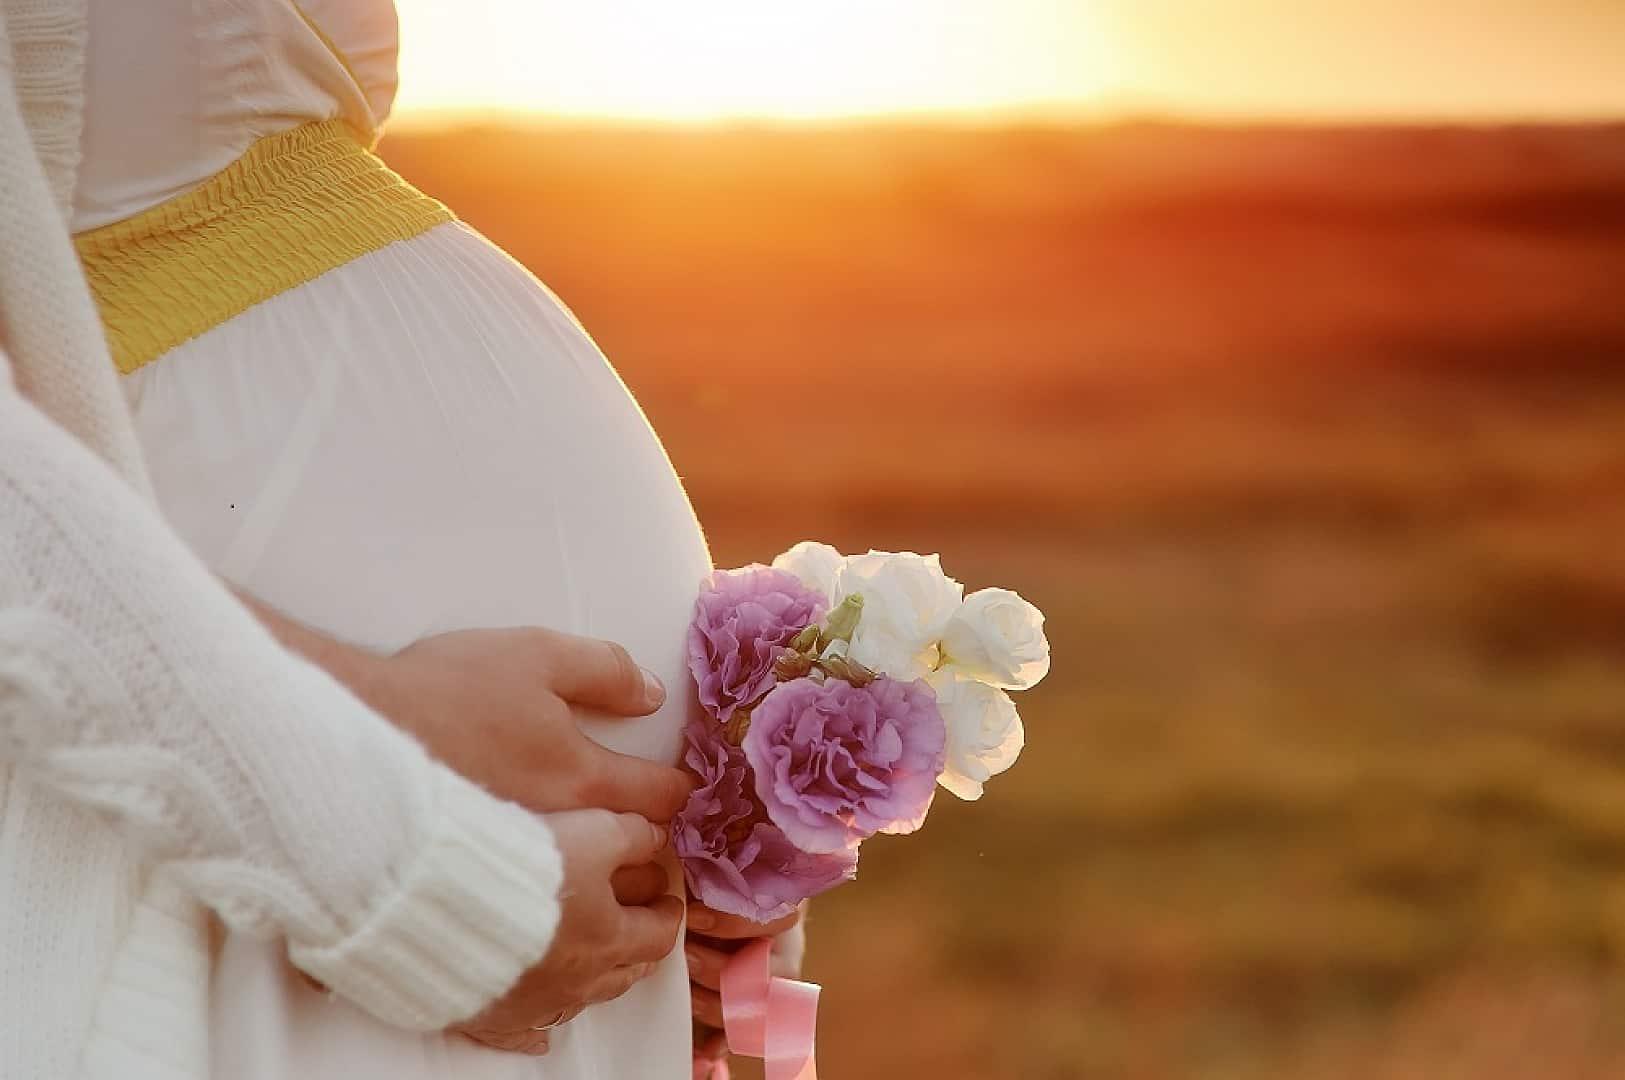 беременность - причина повышенного кортизола у женщин